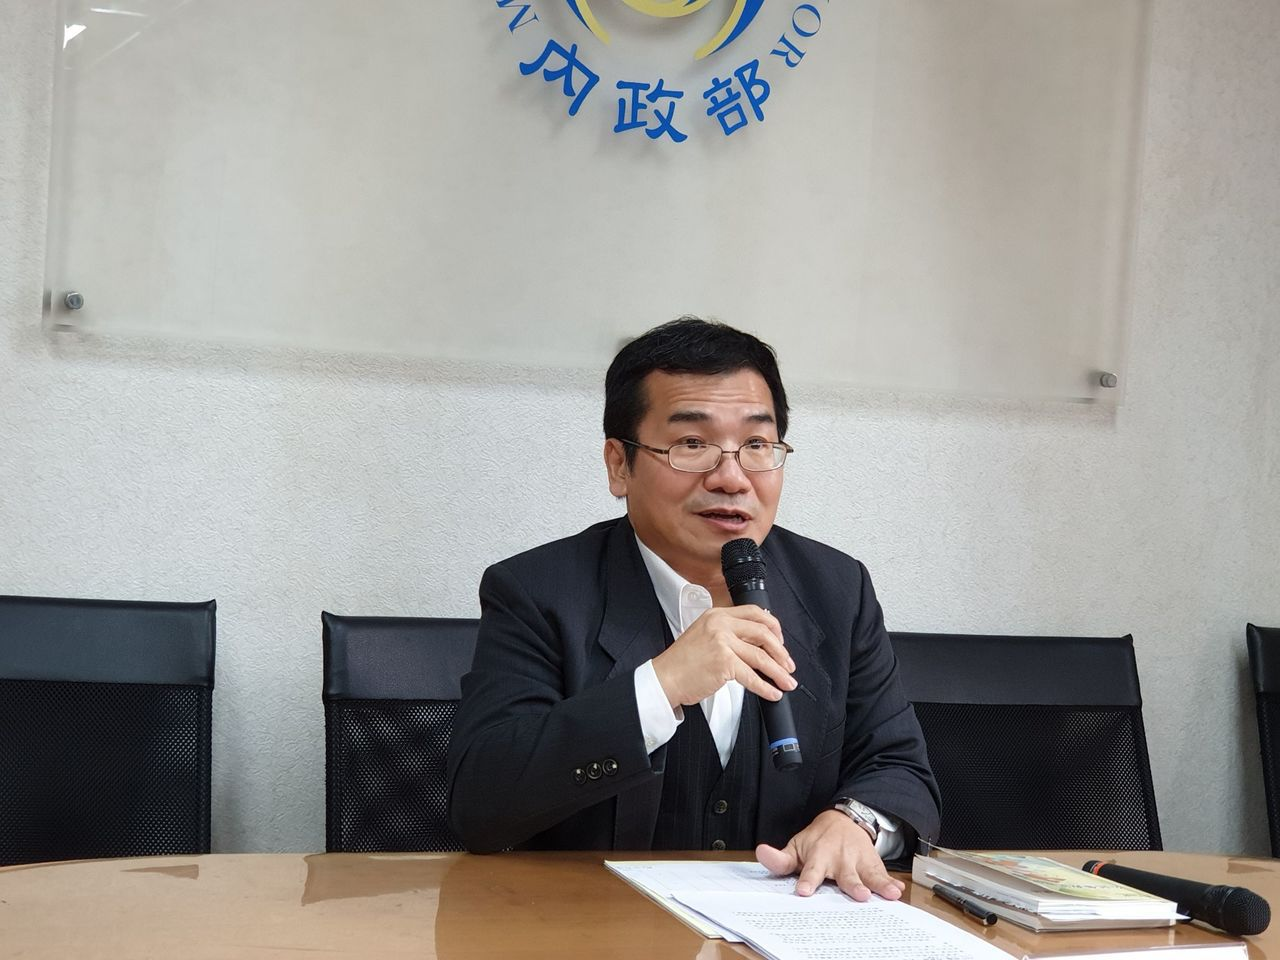 內政部民政司副司長鄭英弘(圖/內政部提供)